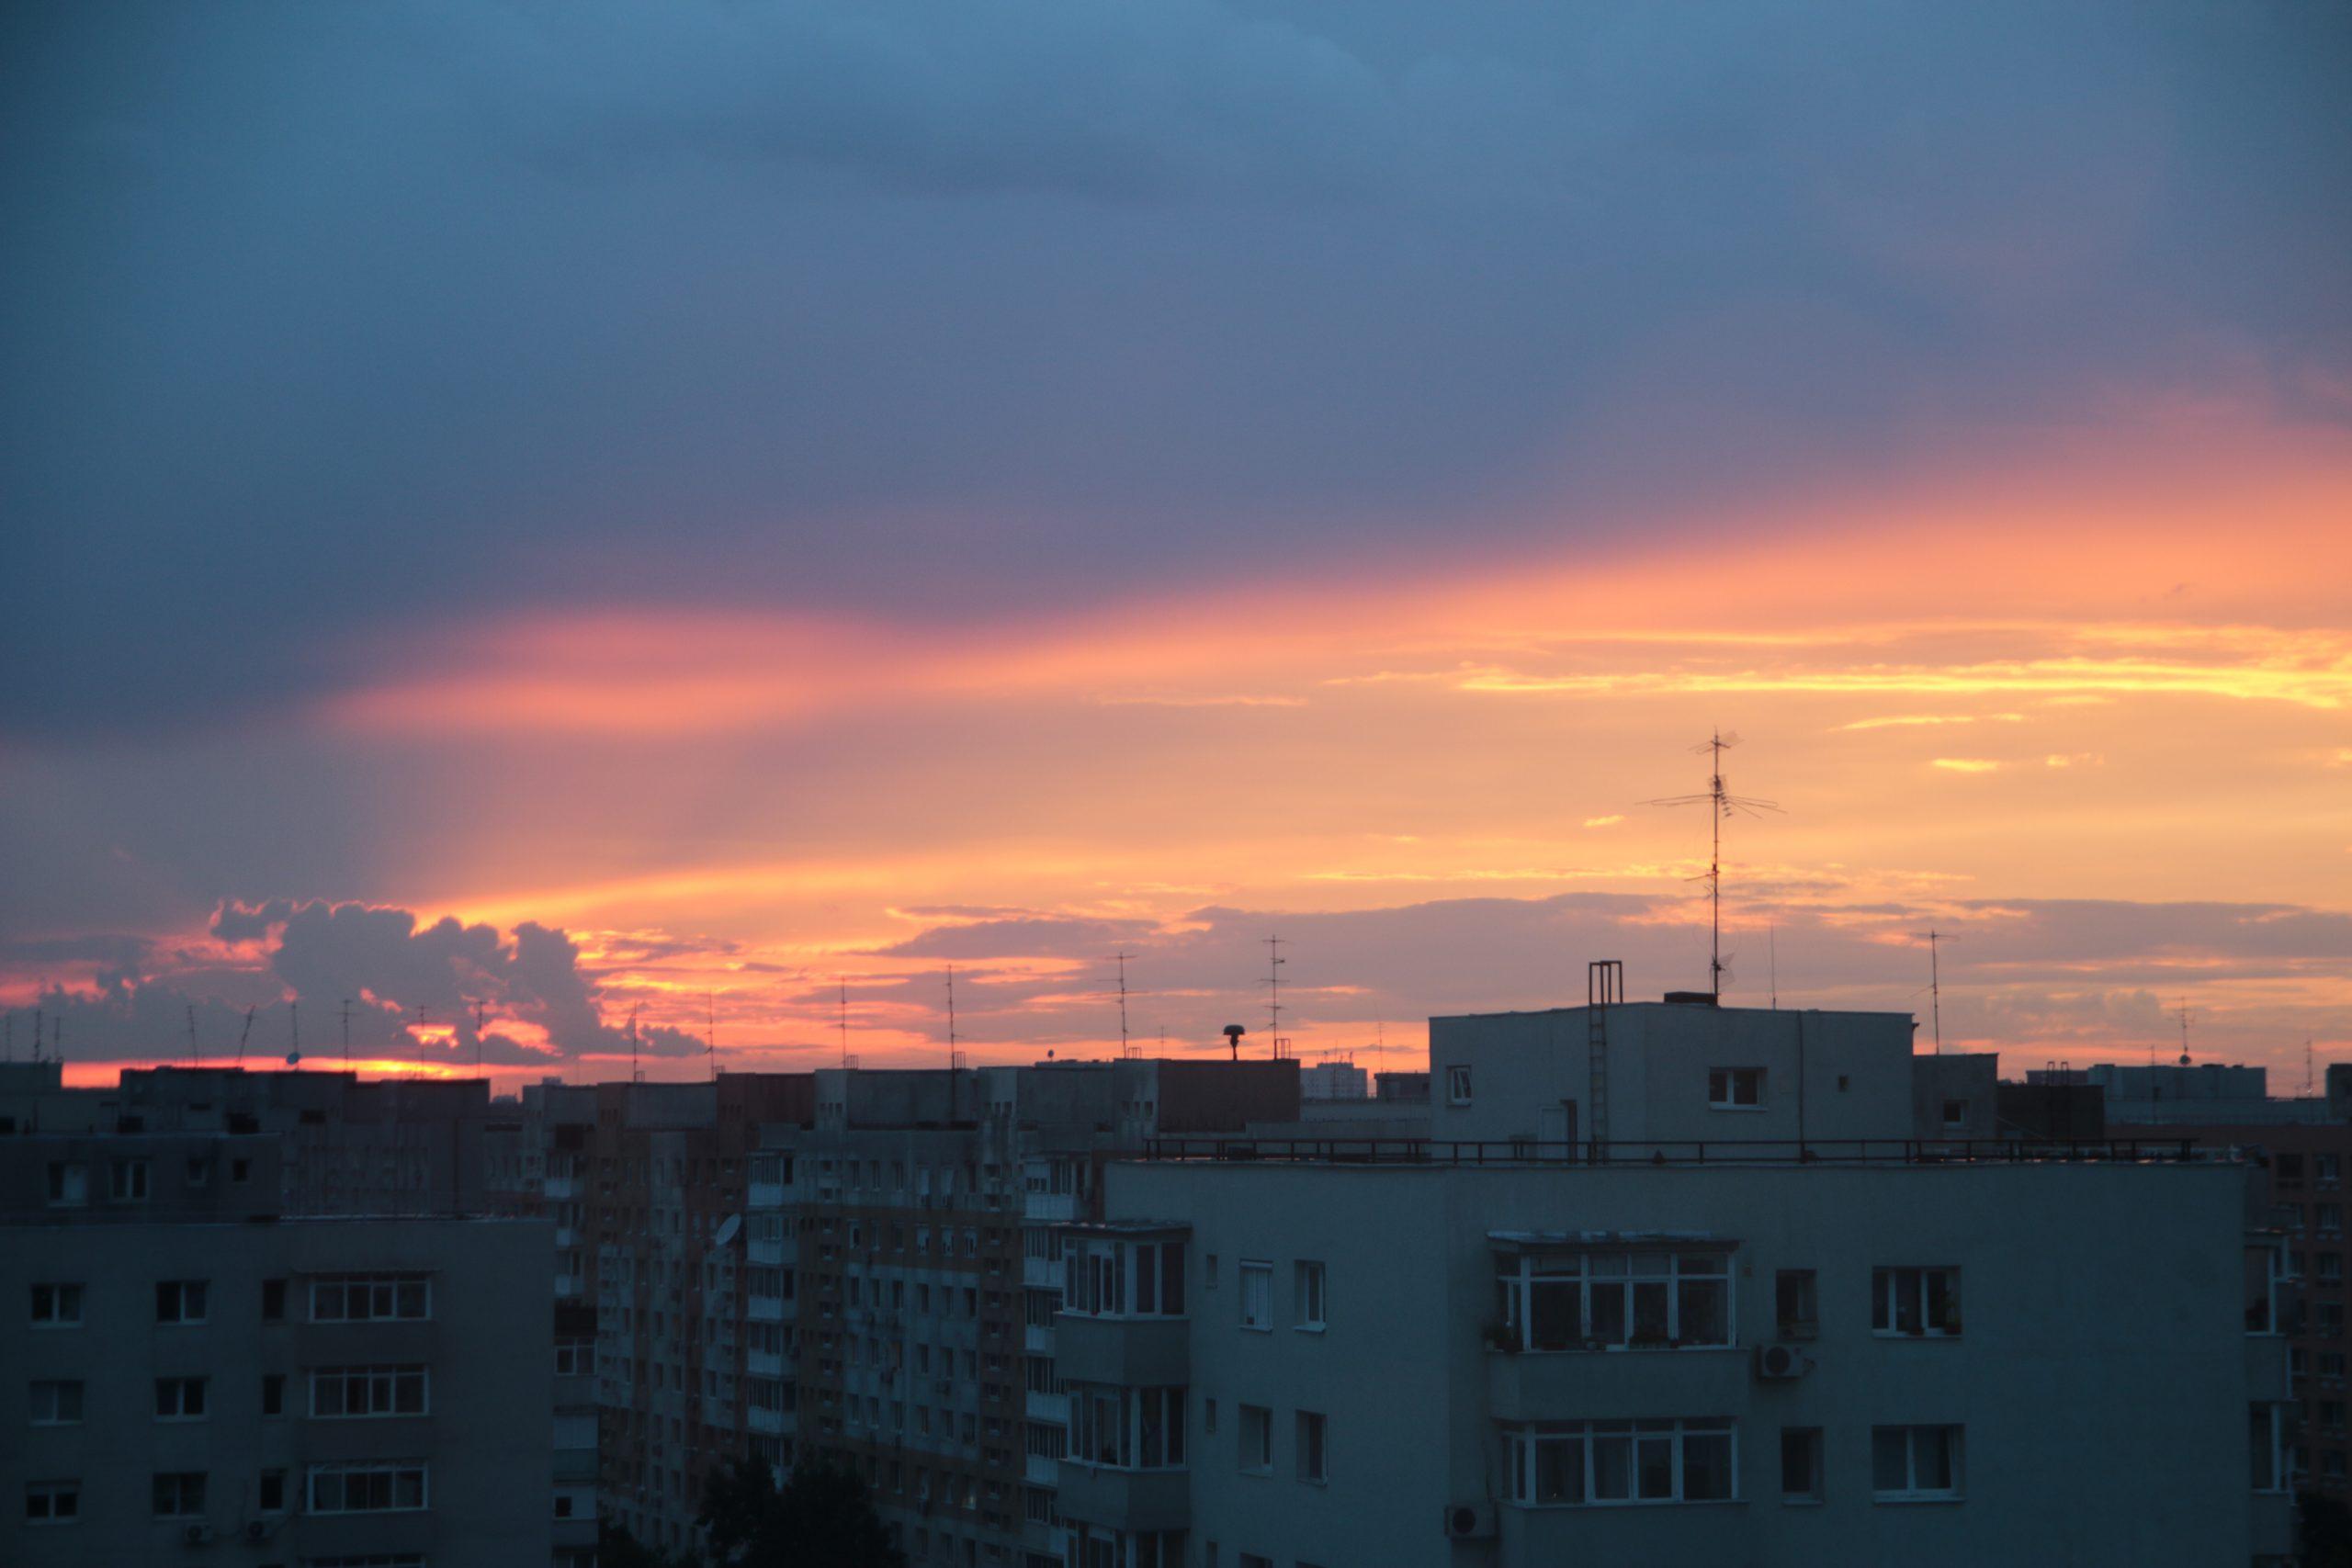 Prognoza meteo în București la final de august. Vremea devine frumoasă, spun meteorologii